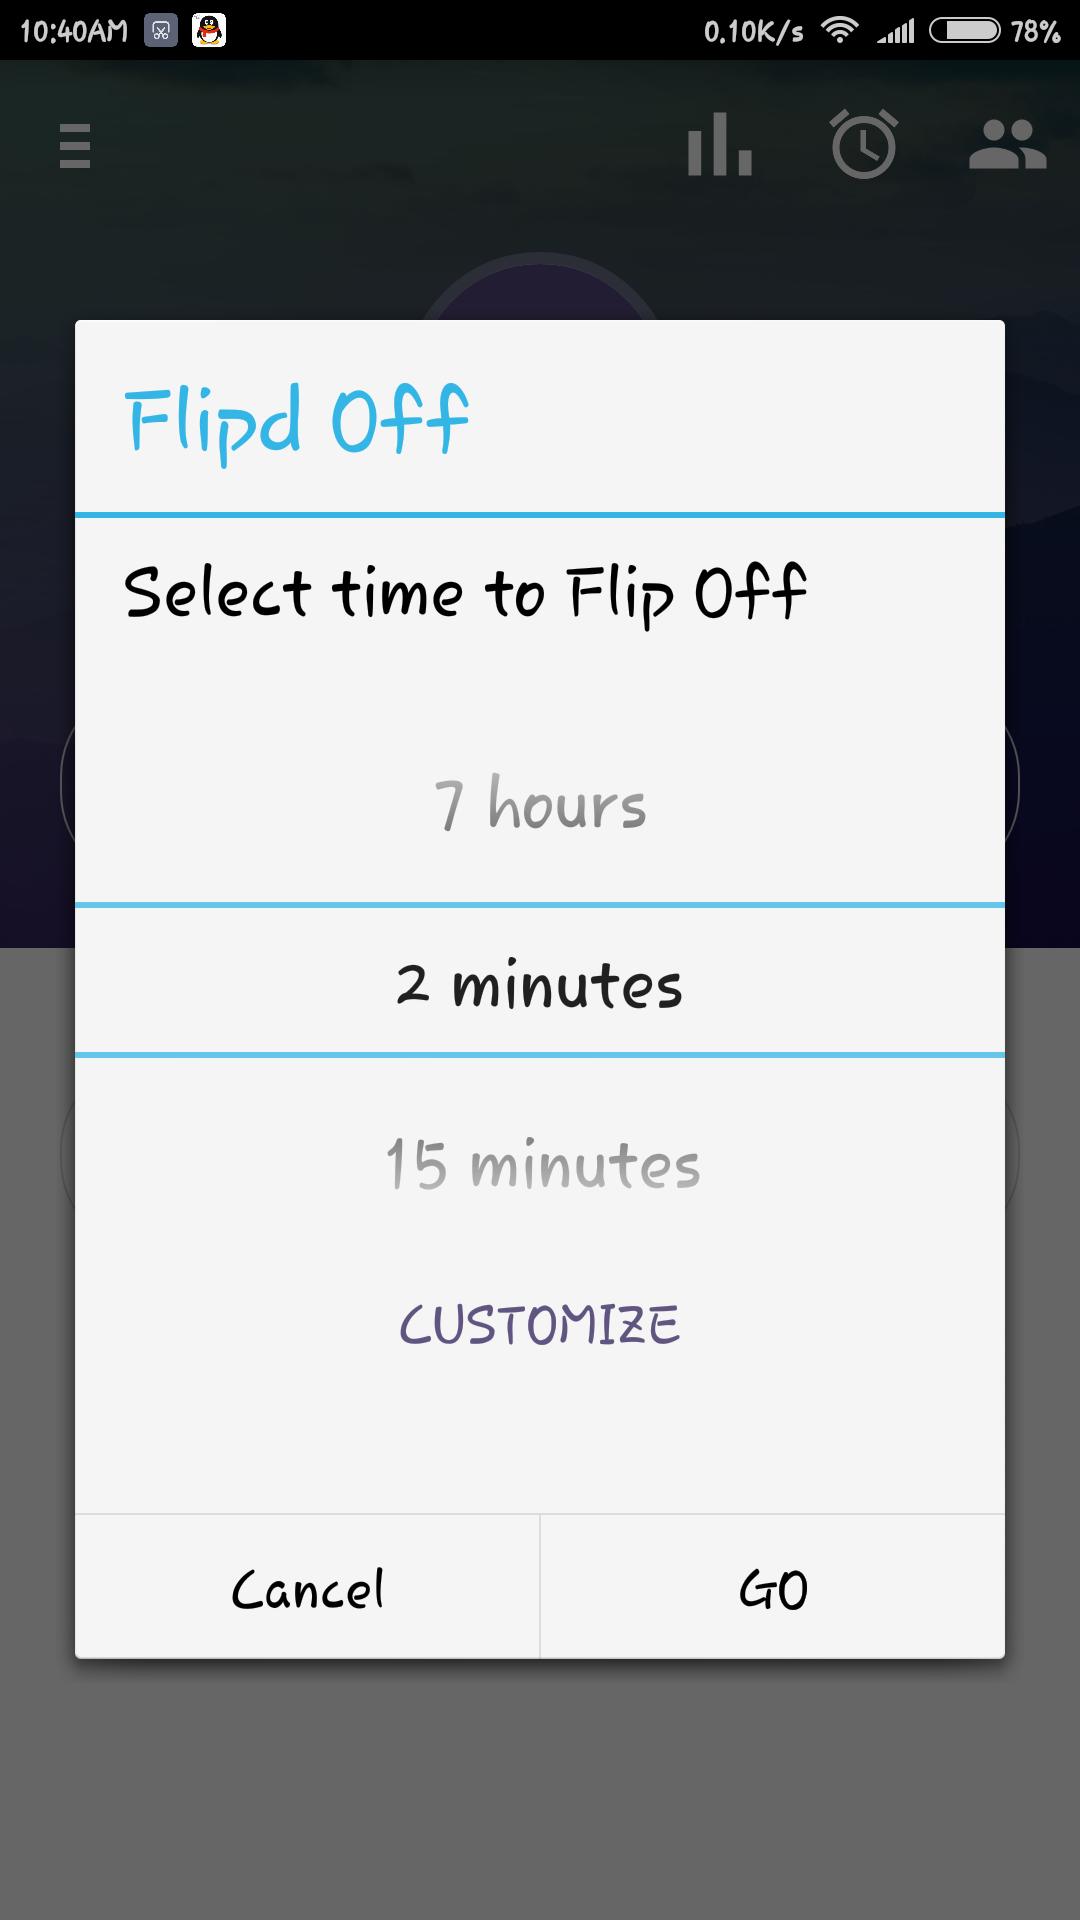 Screenshot_2016-01-27-10-40-24_com.flipd.app.png